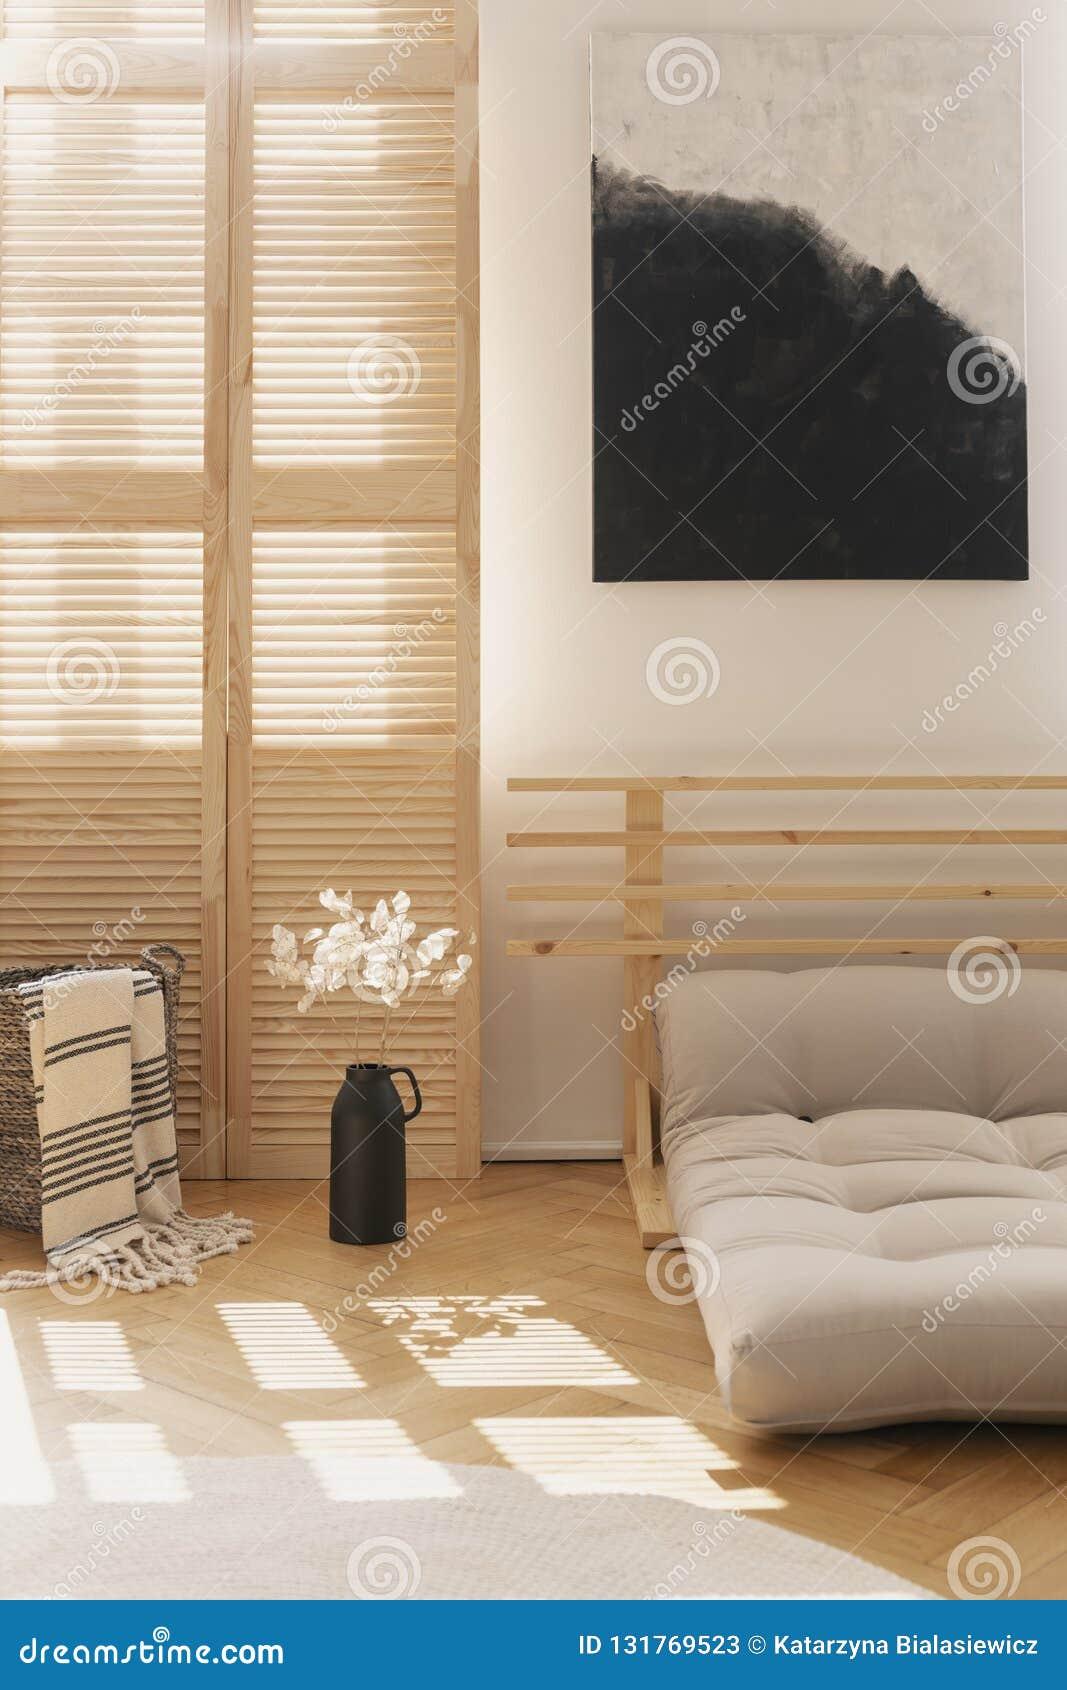 Affiche Noire Et Blanche Dans La Chambre A Coucher Naturelle